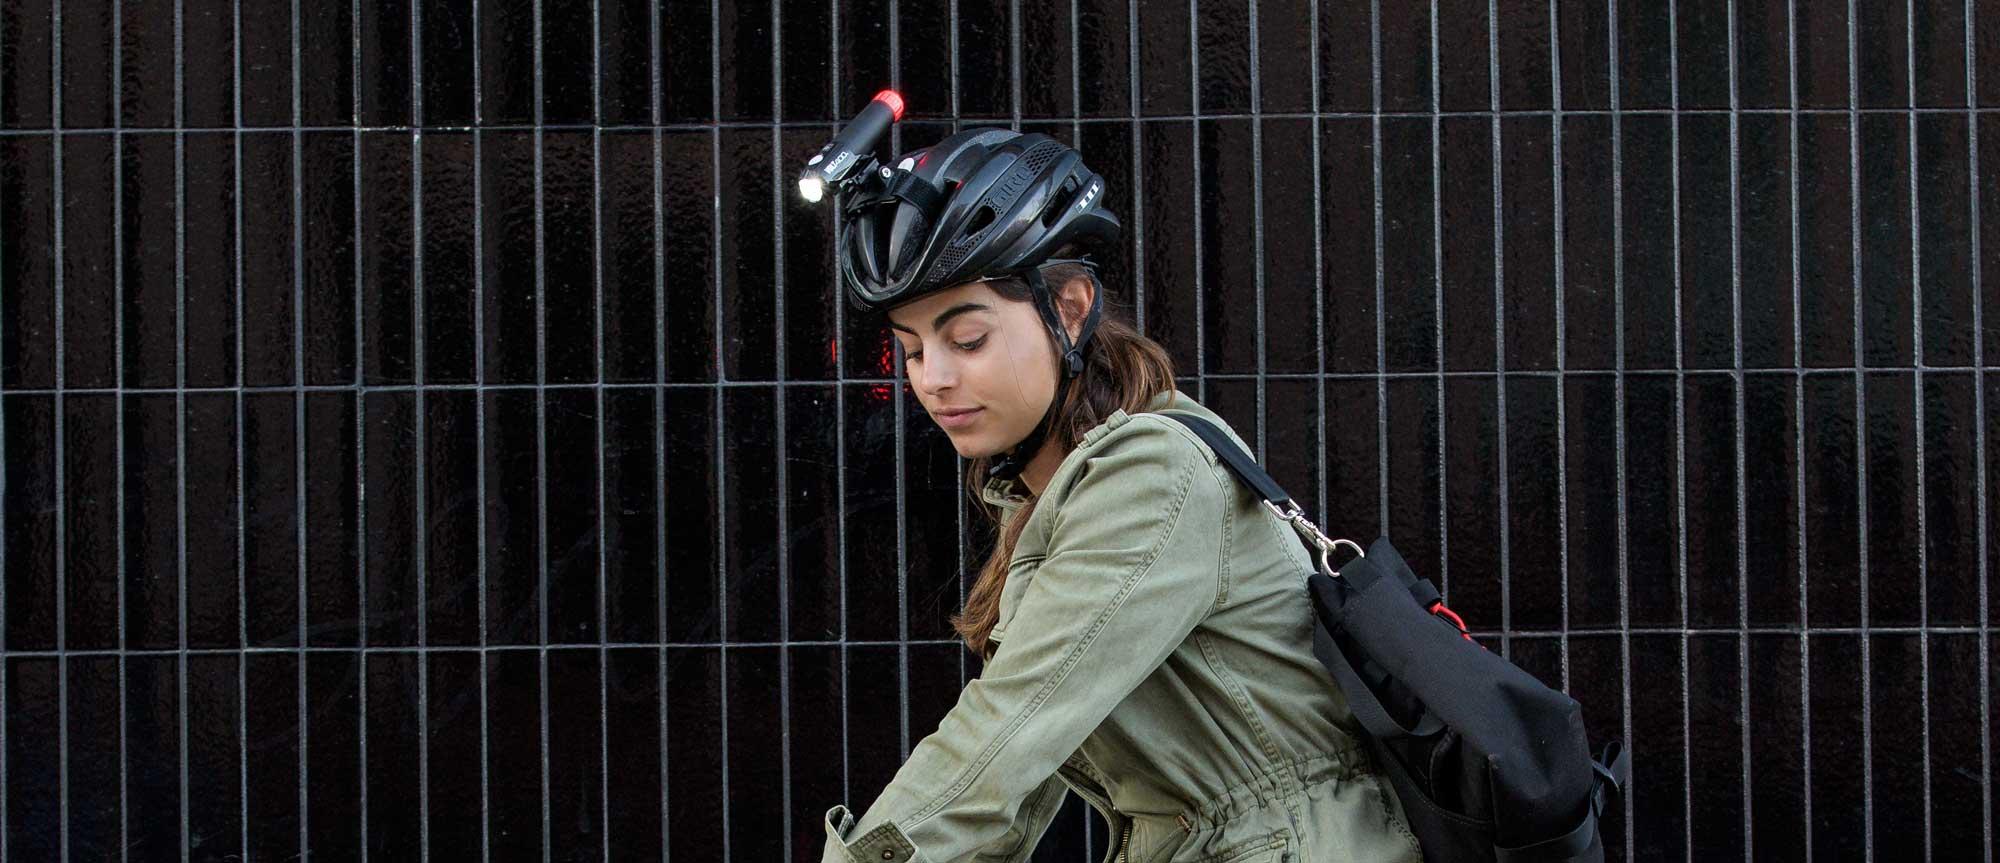 Säker cykling i höstmörkret